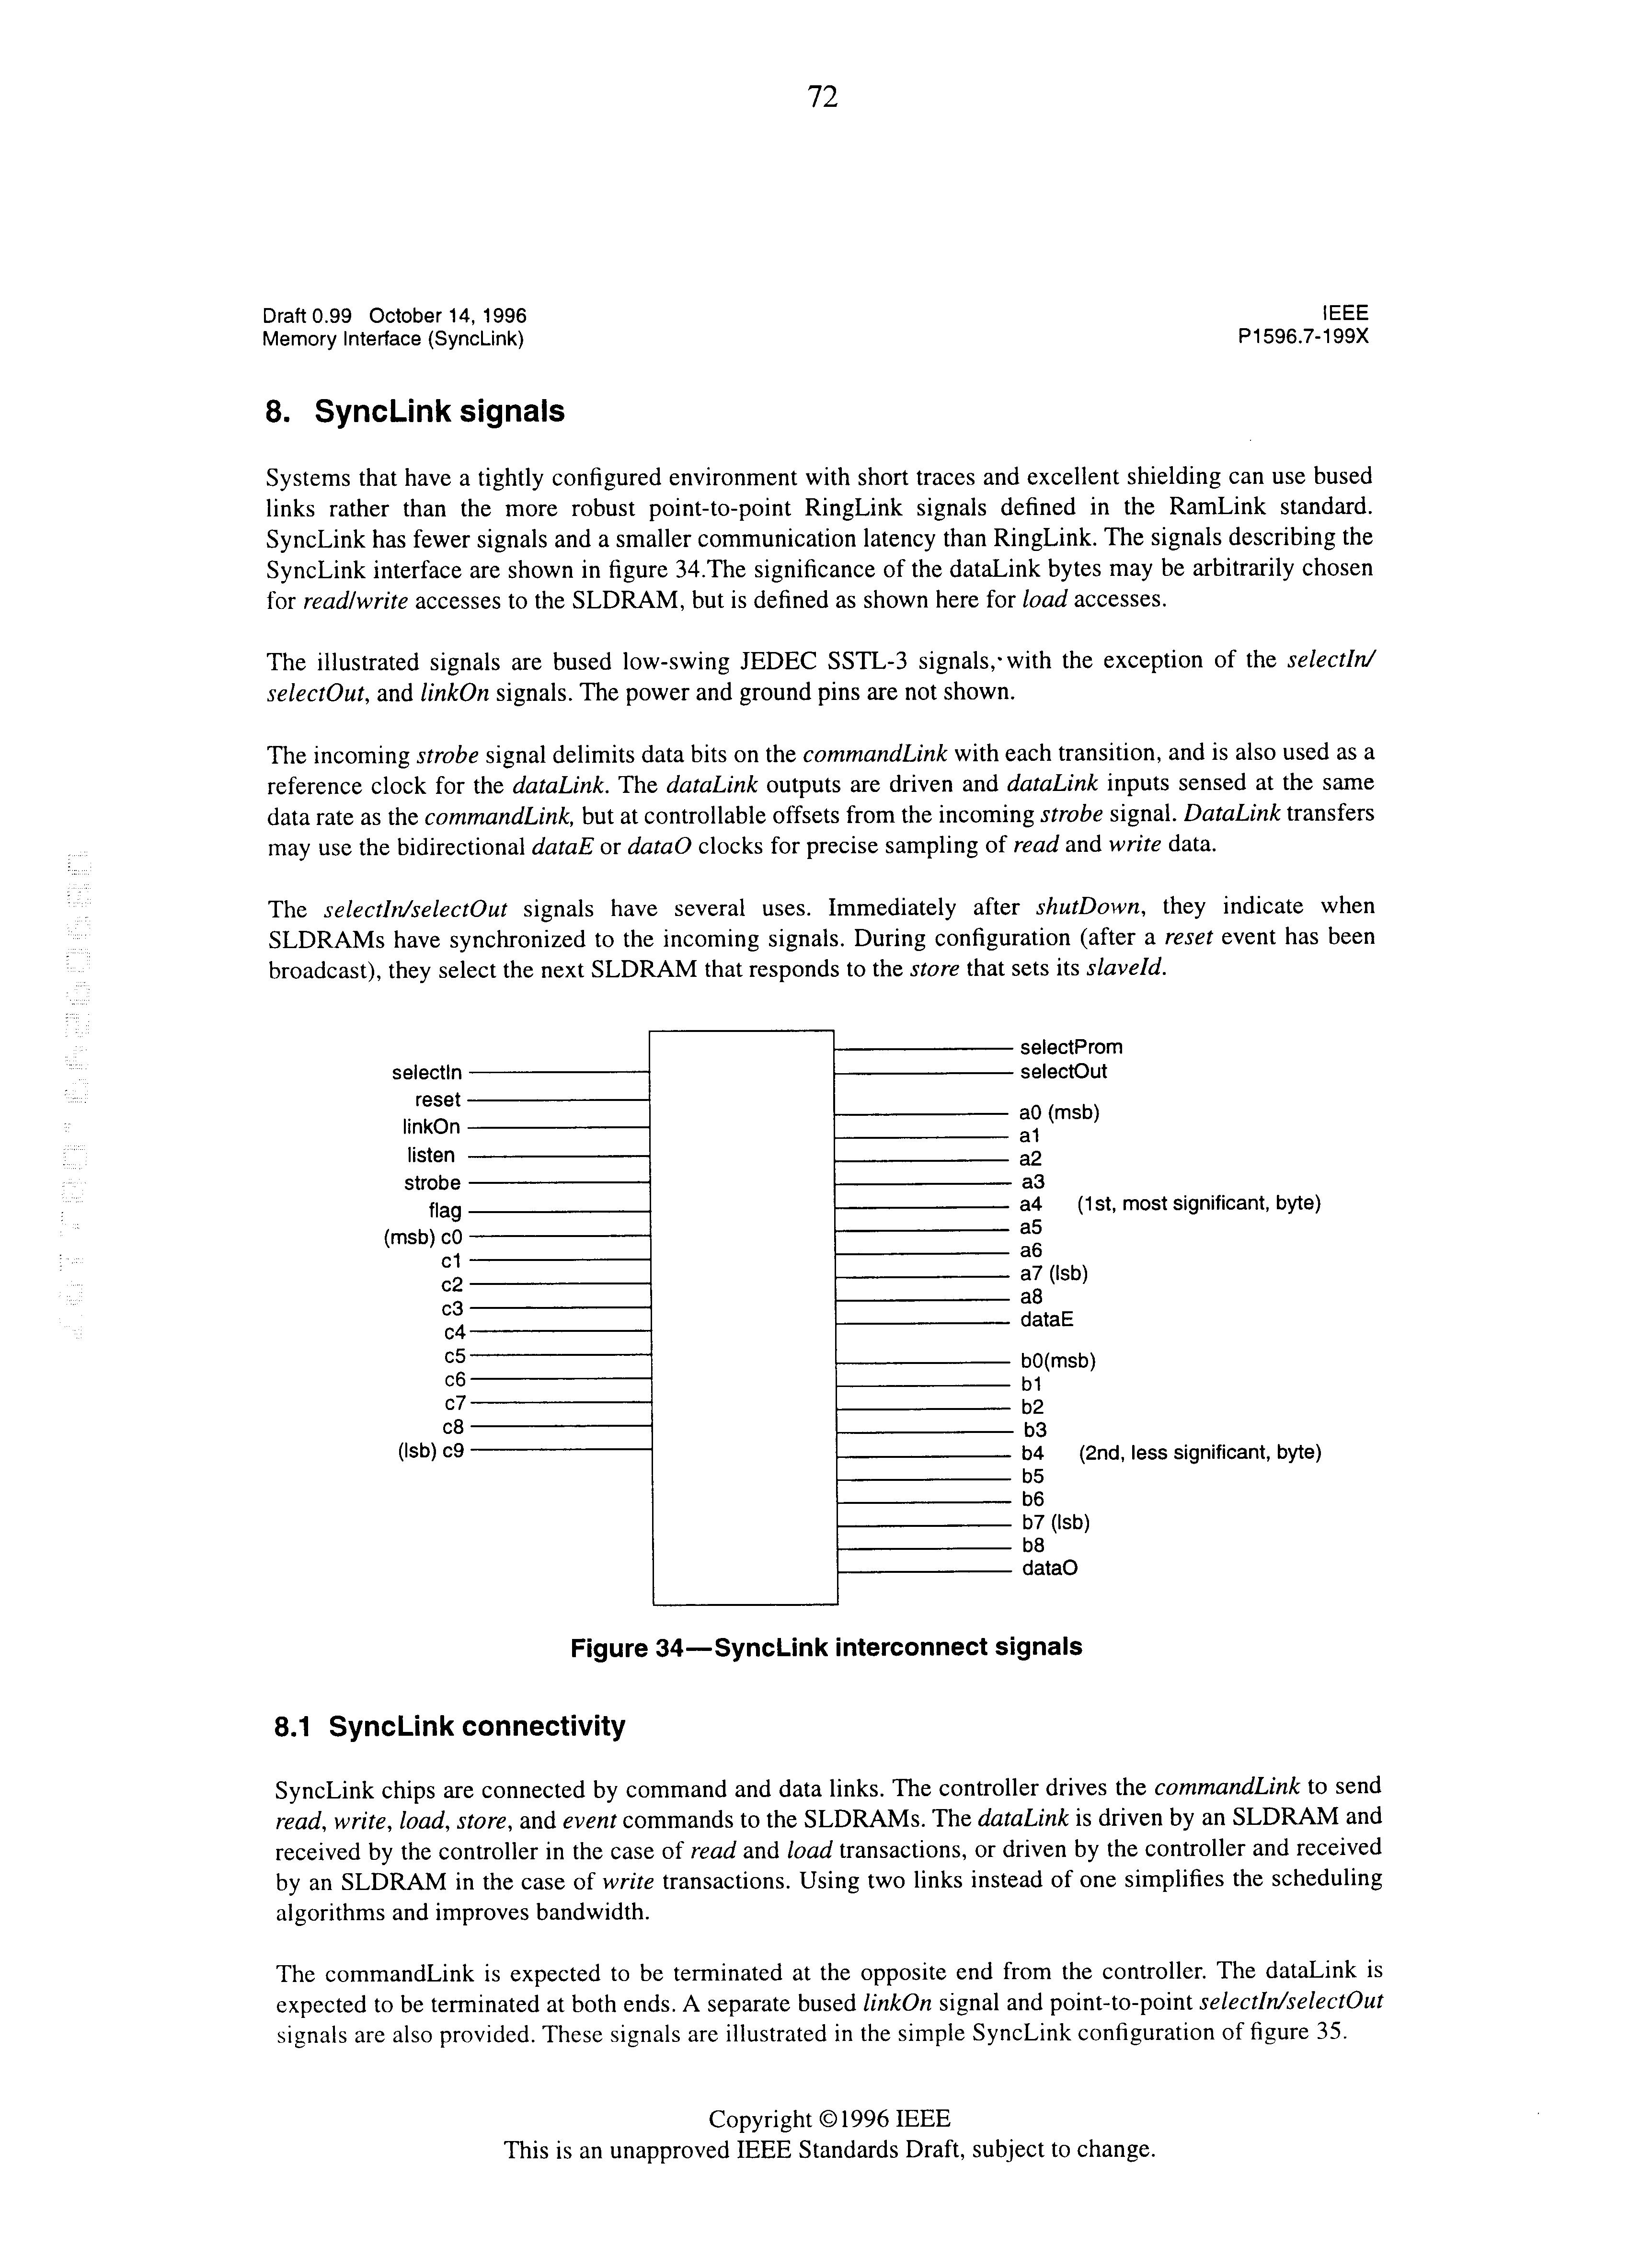 Figure US06226723-20010501-P00052